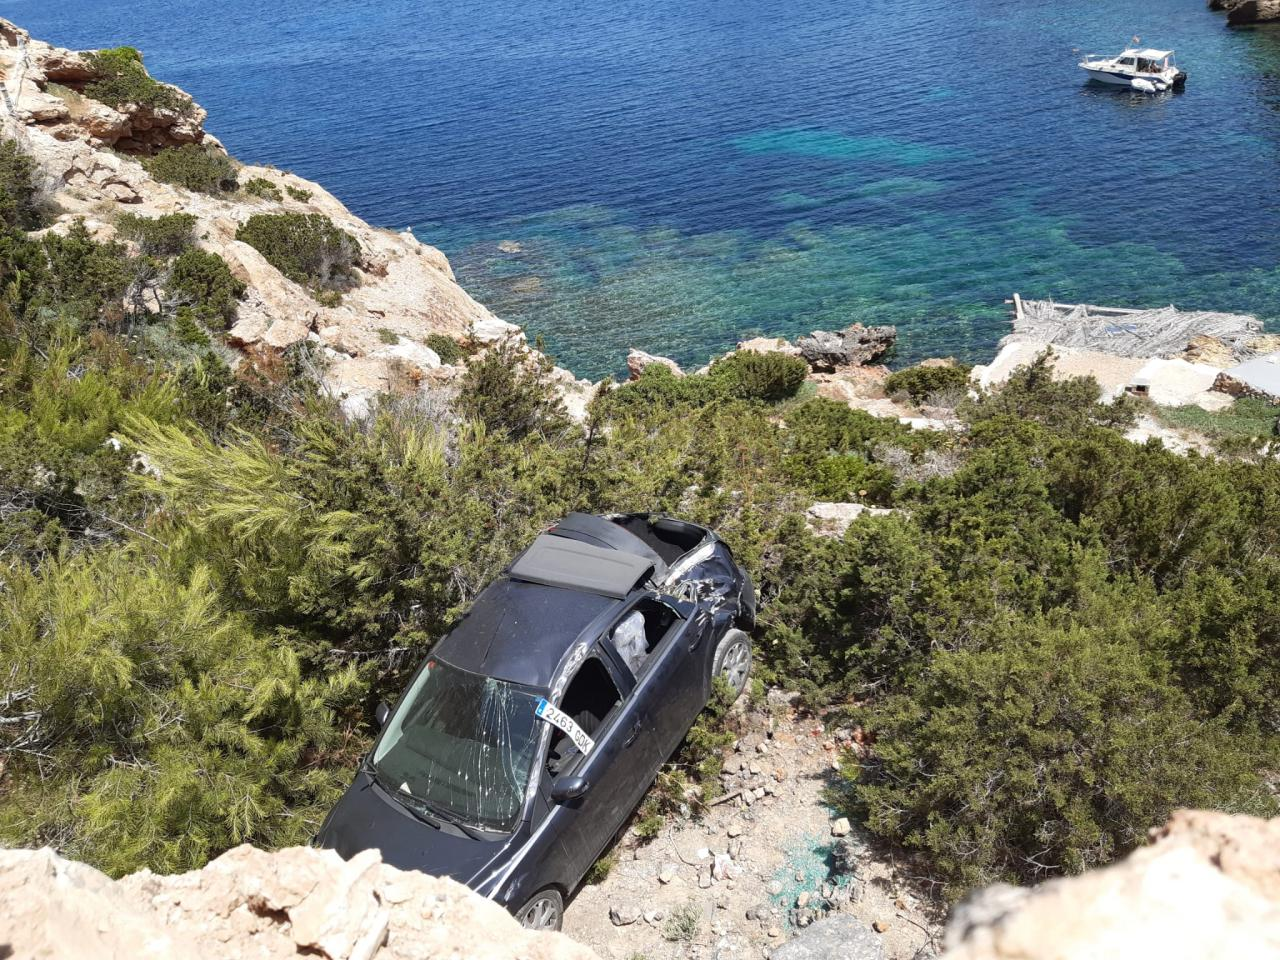 El vehículo, tras su caída.